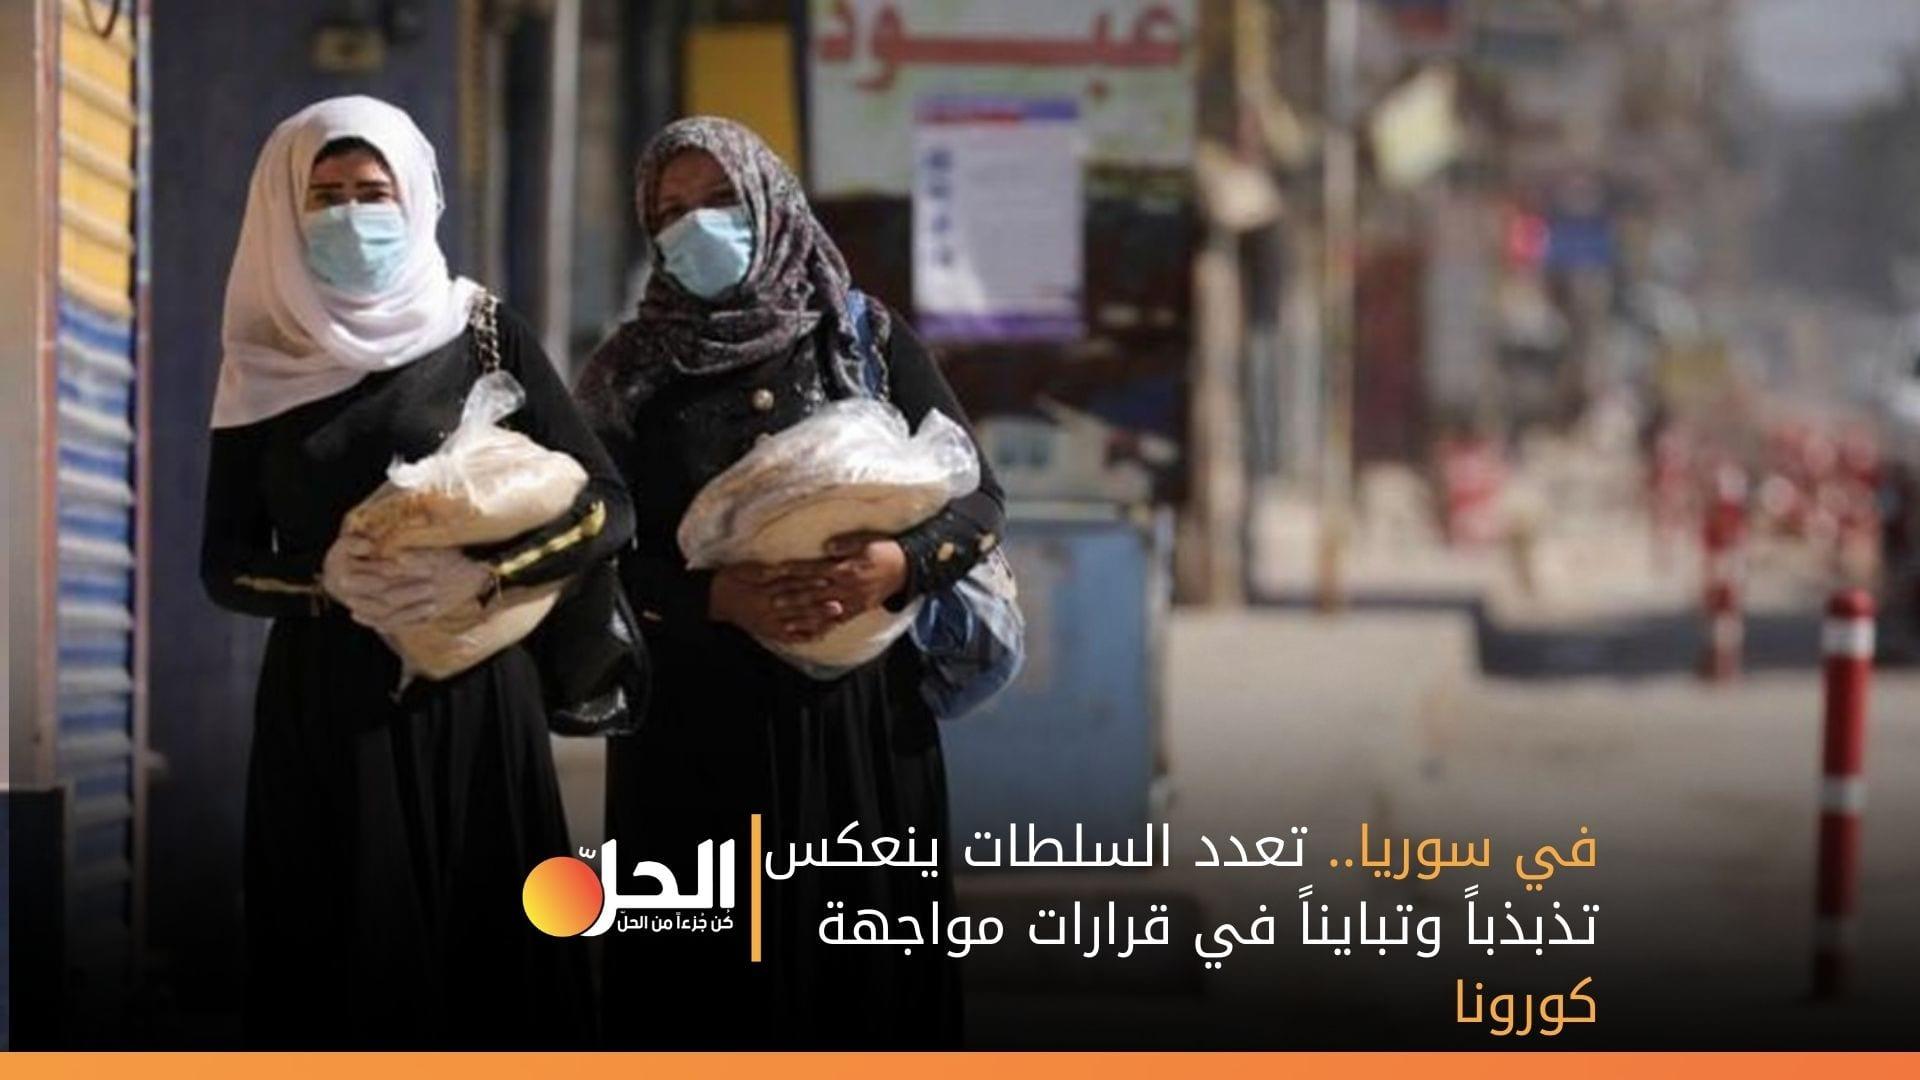 في سوريا.. تعدد السلطات ينعكس تذبذباً وتبايناً في قرارات مواجهة كورونا